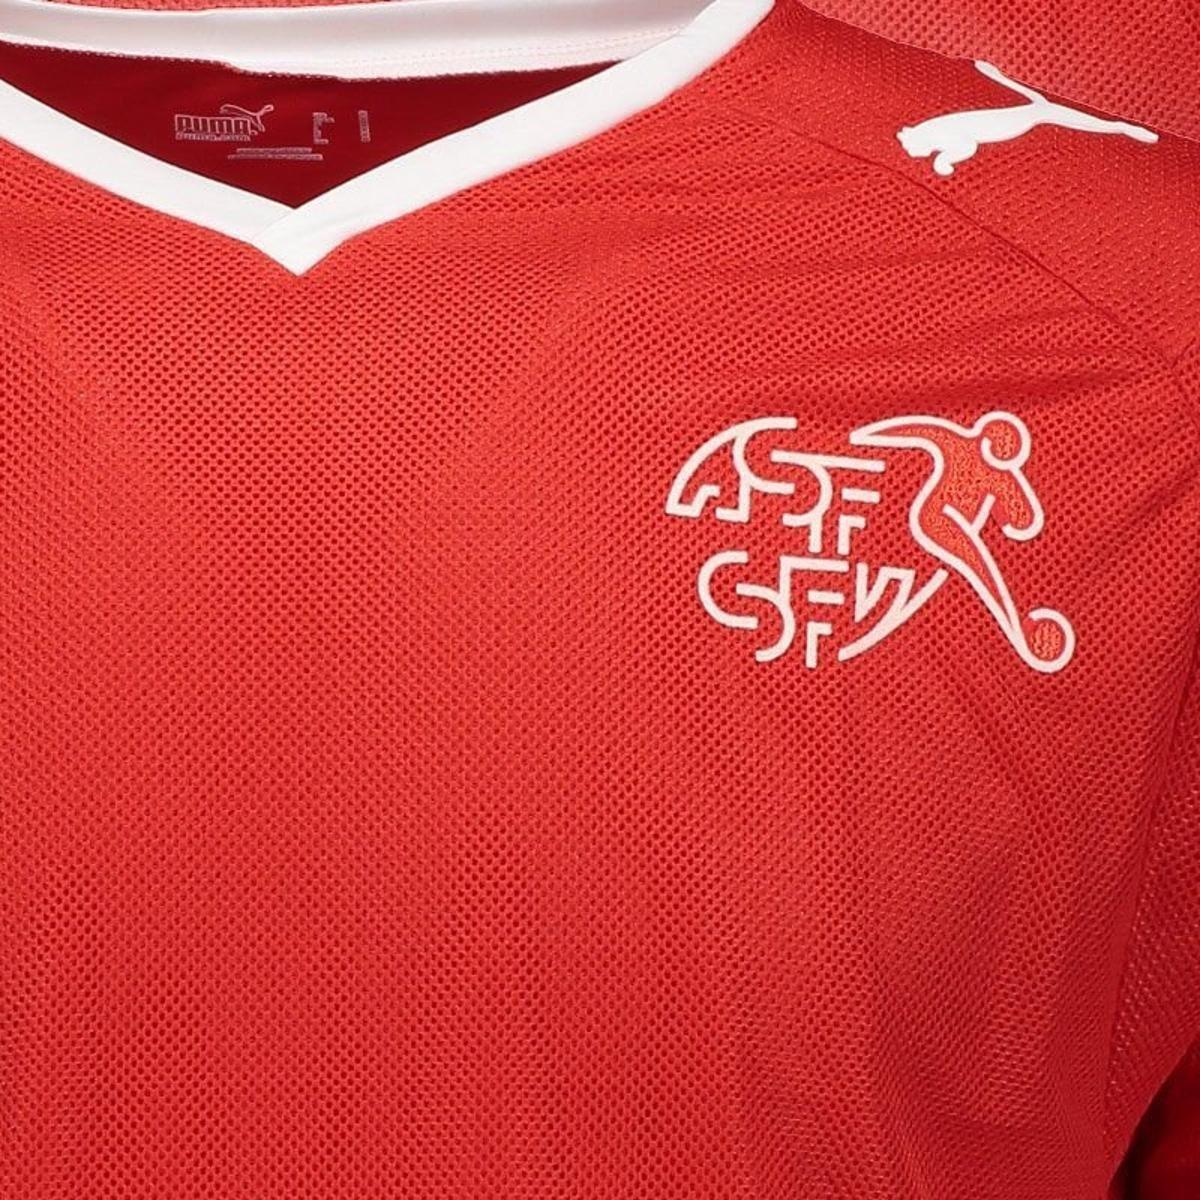 Camisa Puma Suíça Home 2010 Masculina - Vermelho - Compre Agora ... c72add55bf952